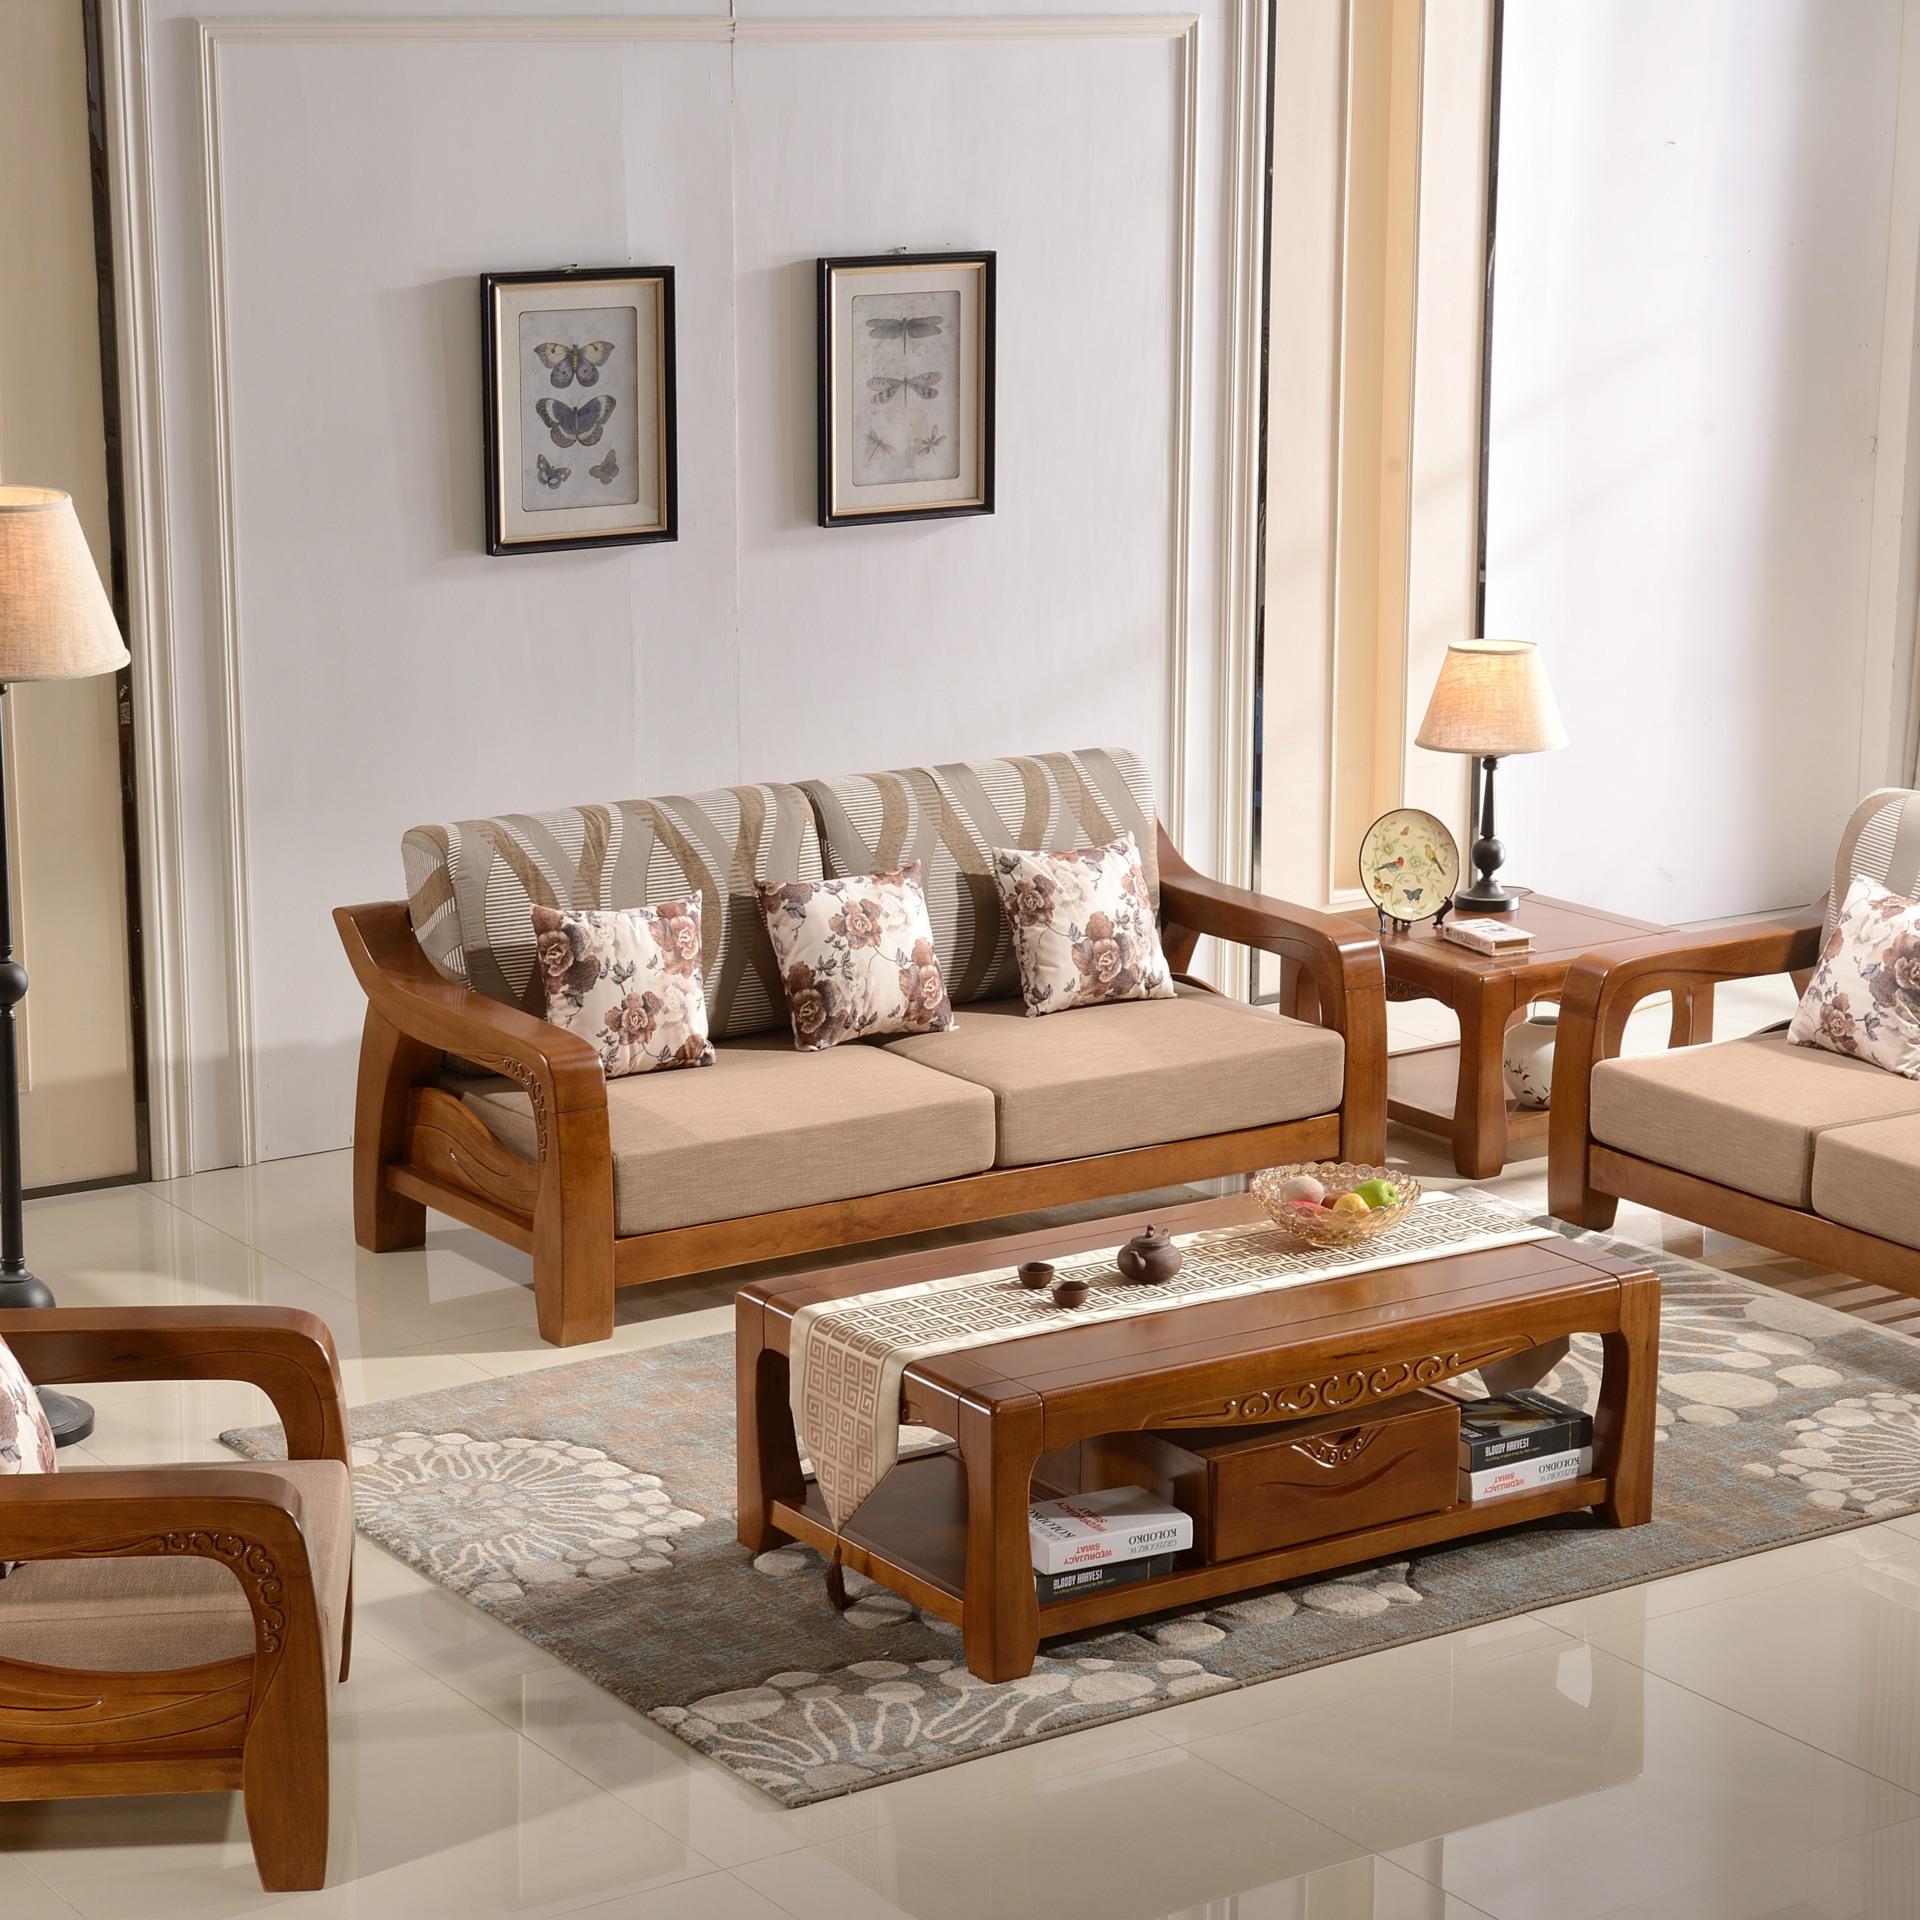 批发实木沙发新中式现代木质沙发橡木客厅家具转角沙发成套组合